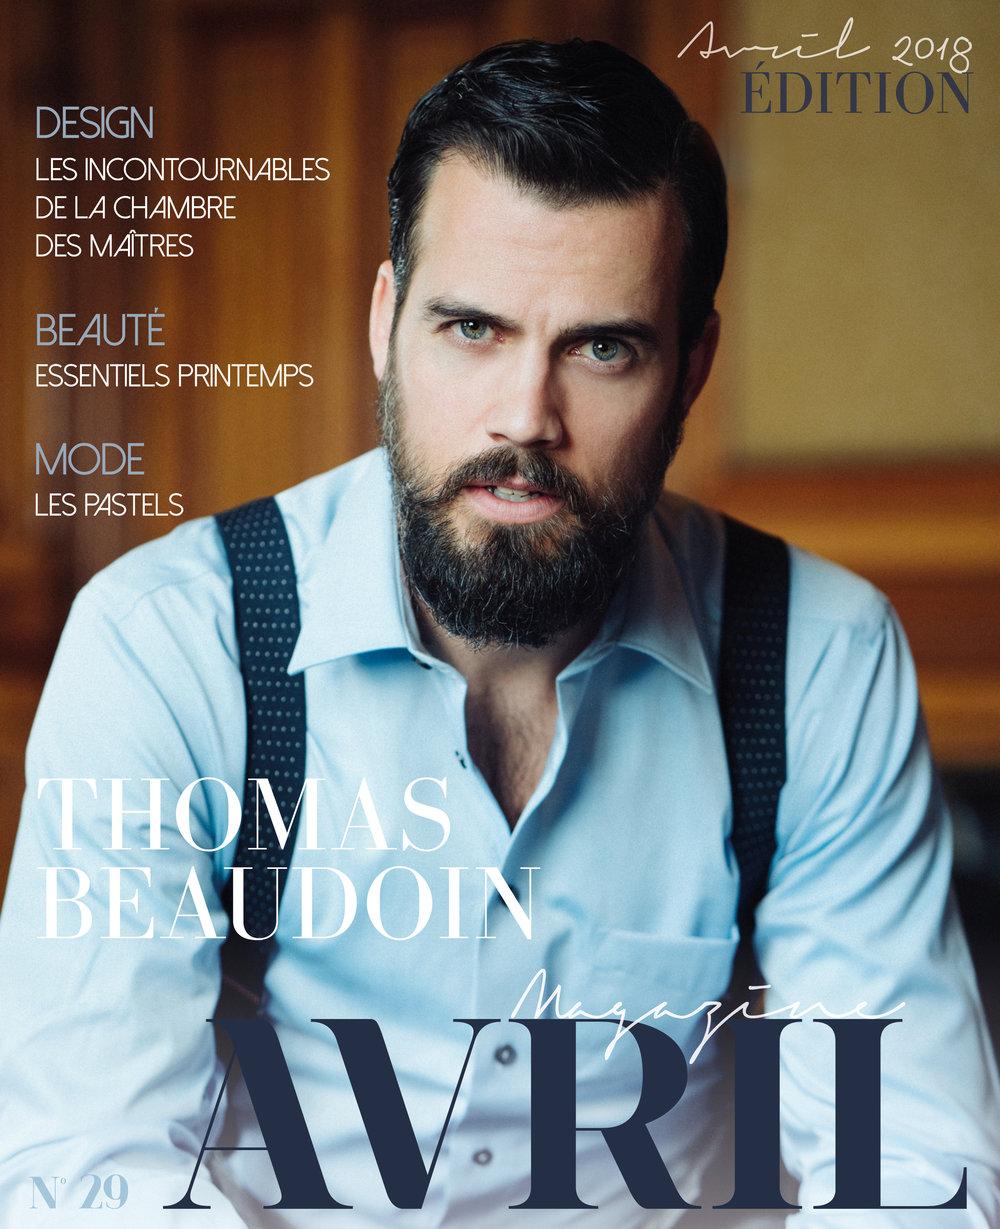 Cover-avril-2018-thomas-beaudoin-avril-magazine.jpg